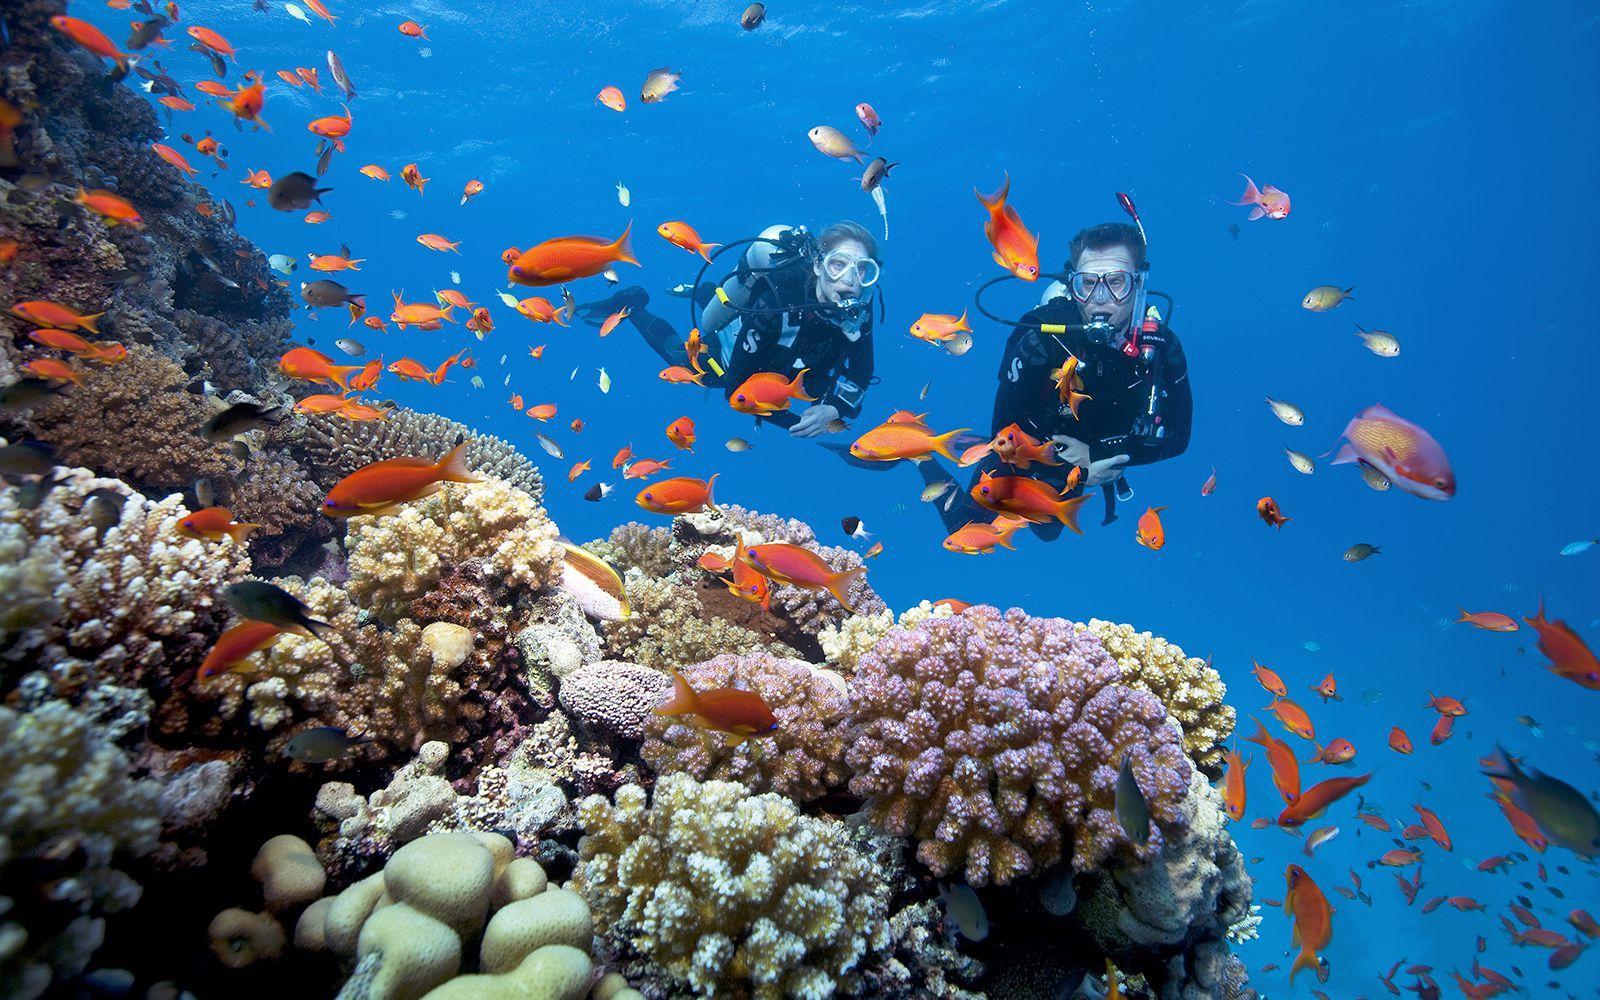 Lặn ngắm san hô ở bãi biển Hồng Vàn